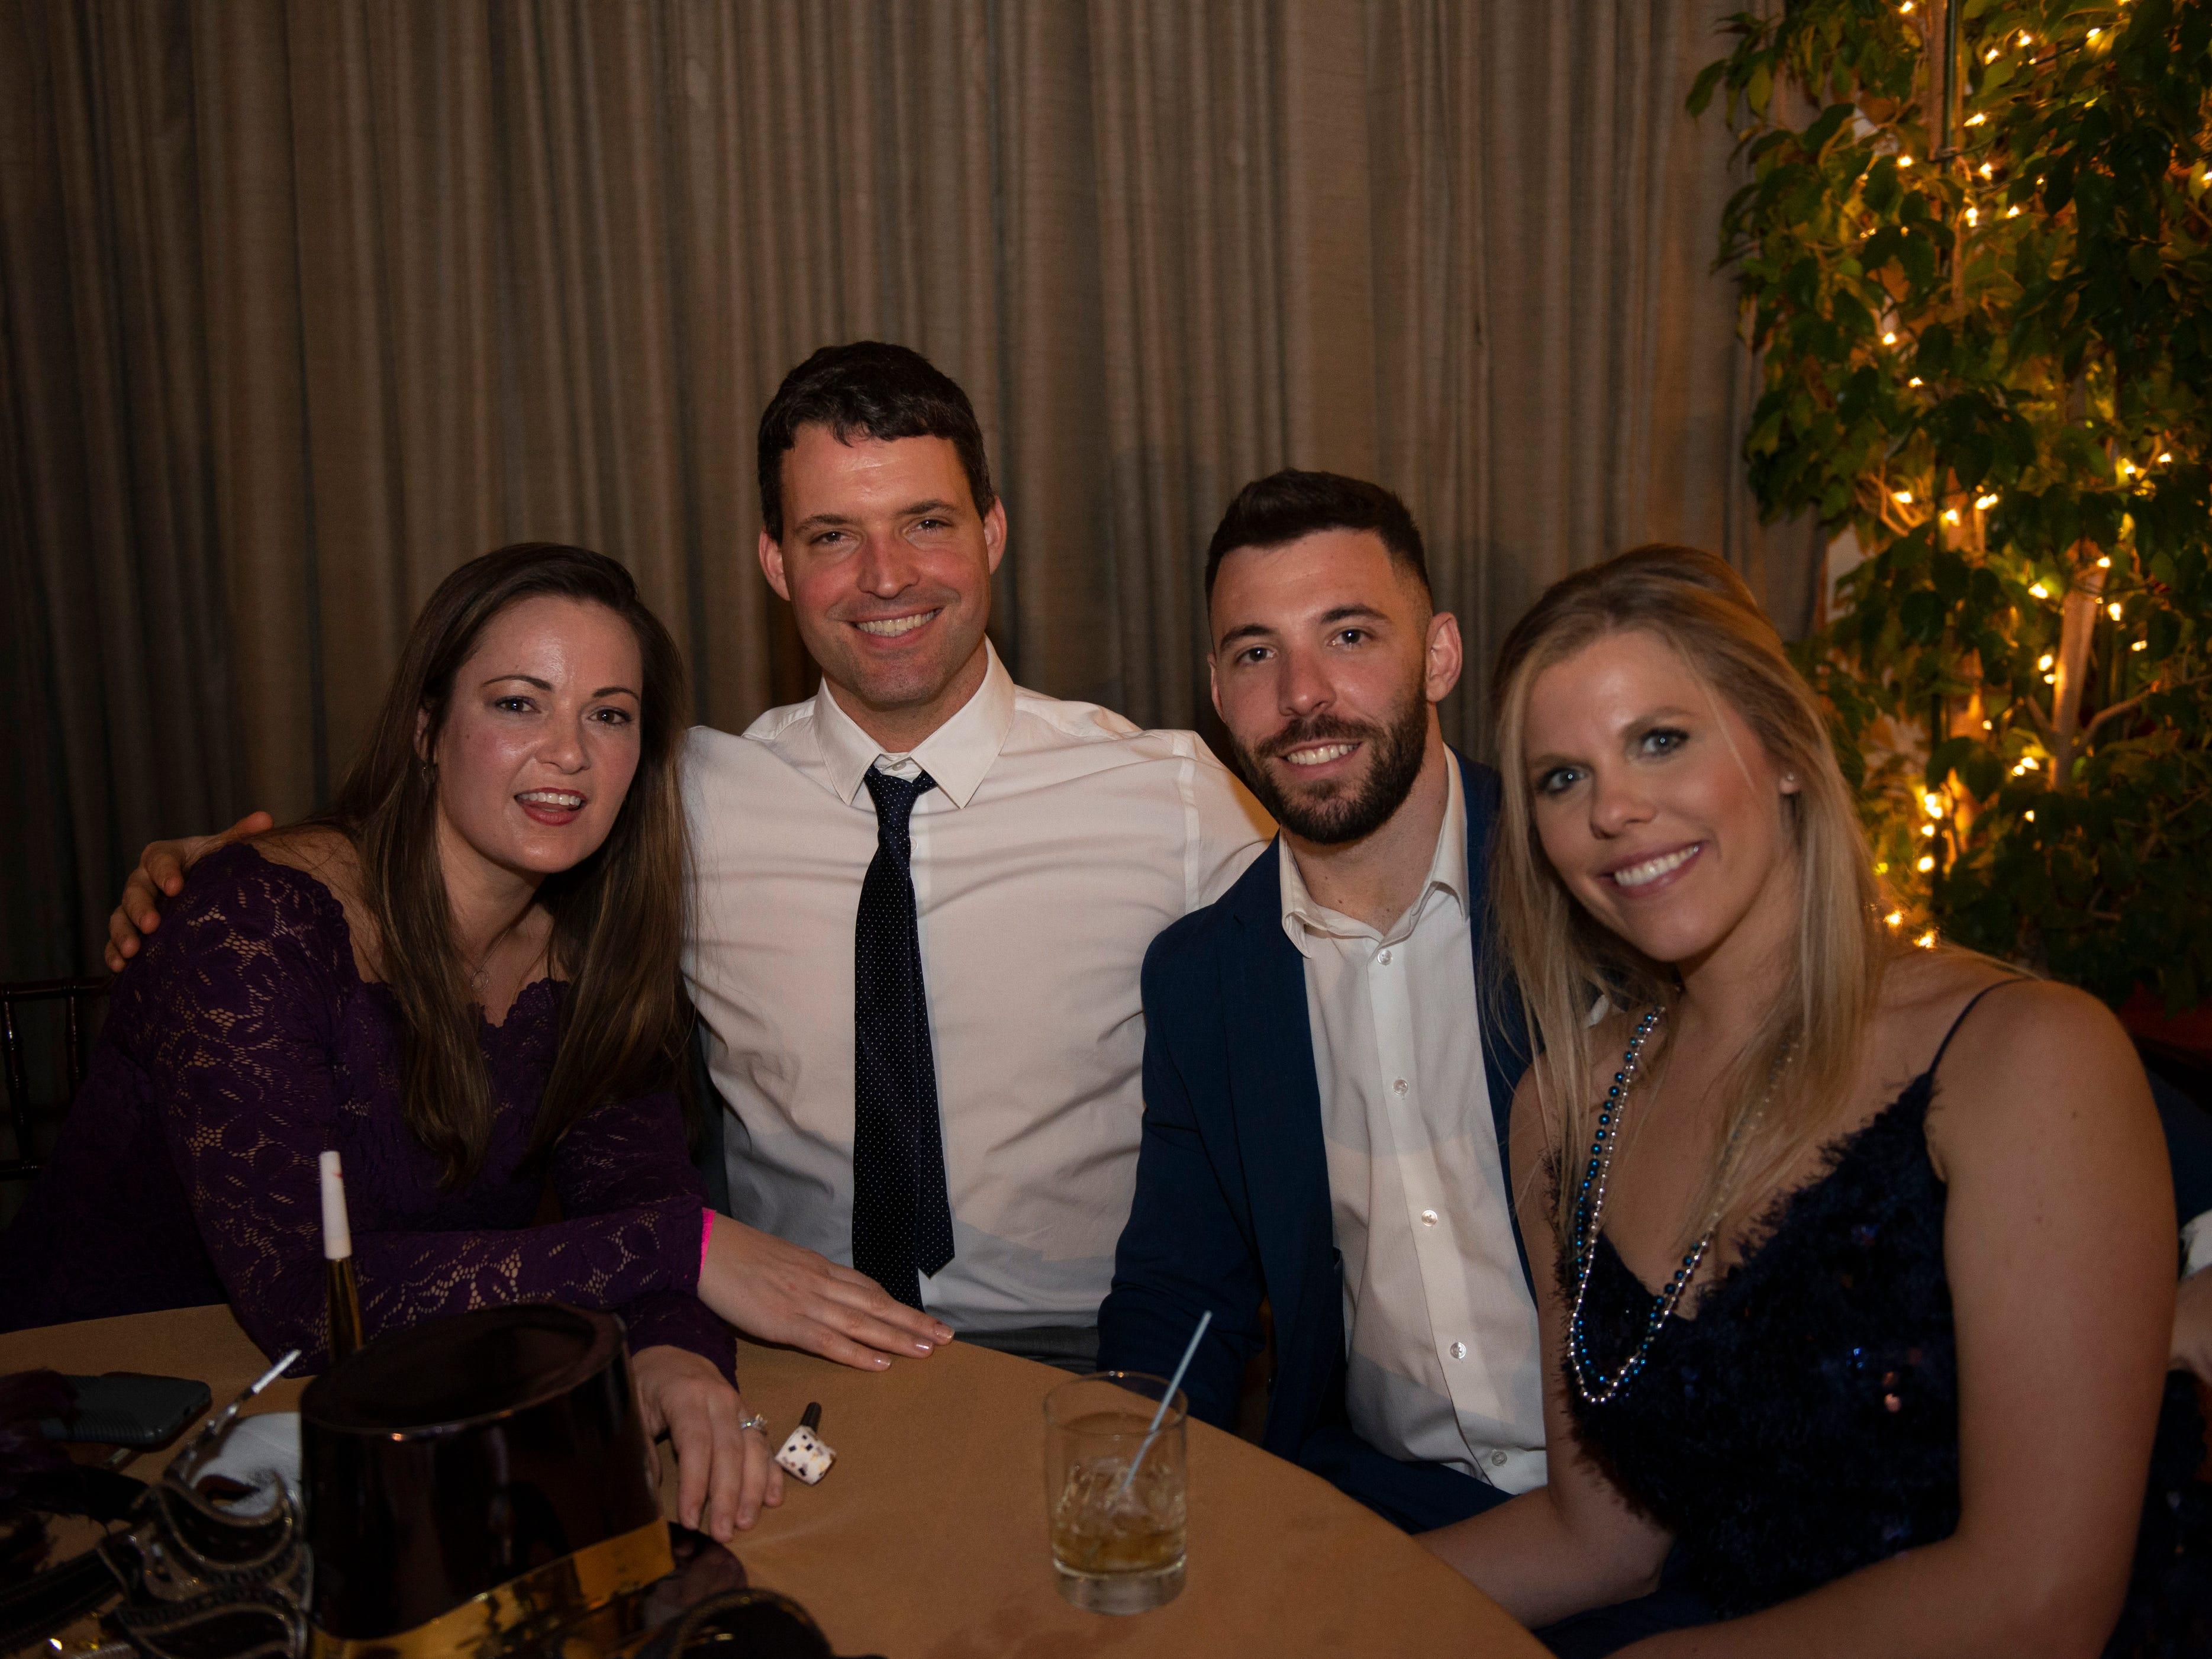 Jessica & Abe Sadowski, Kim & Dustin Burnham